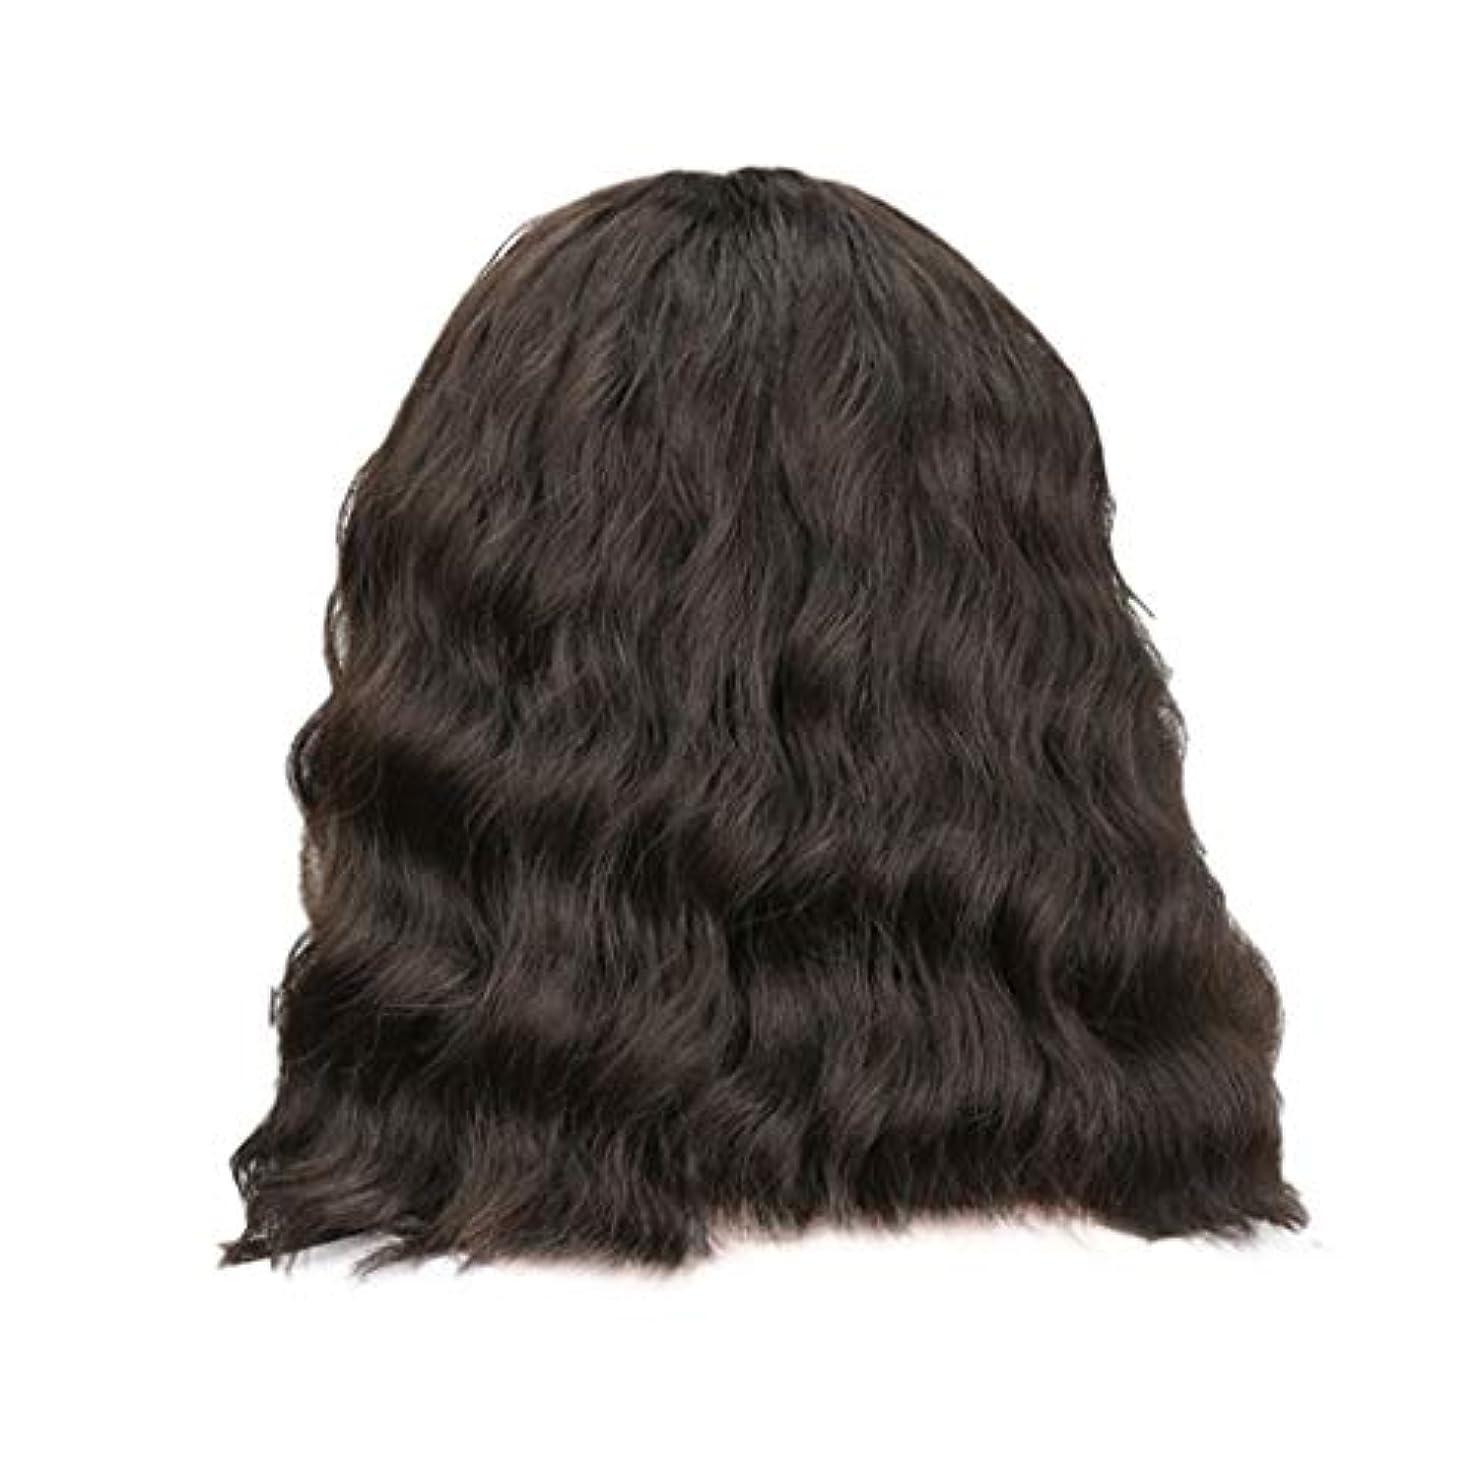 ぼろ記者デンプシー女性の黒の短い巻き毛のかつらボブ波かつらローズネット34 cm